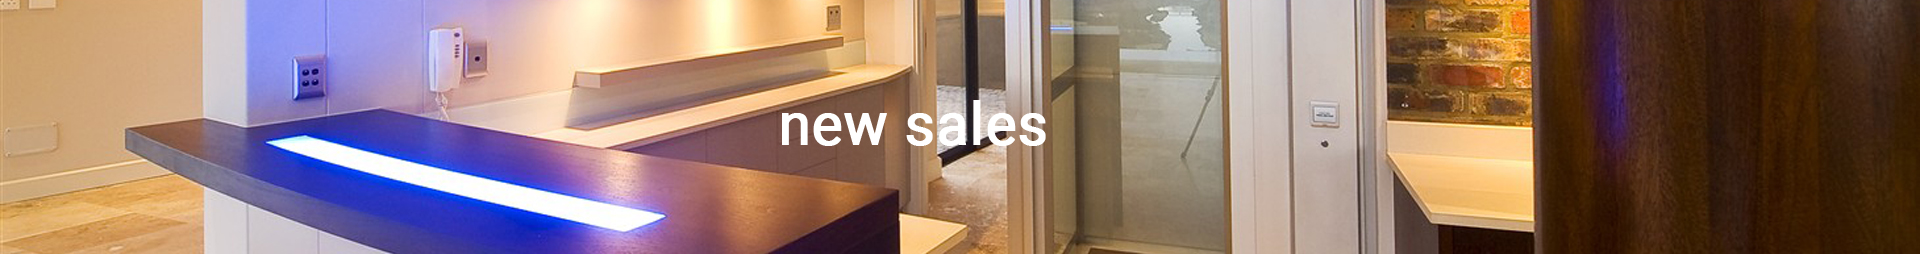 new-sales